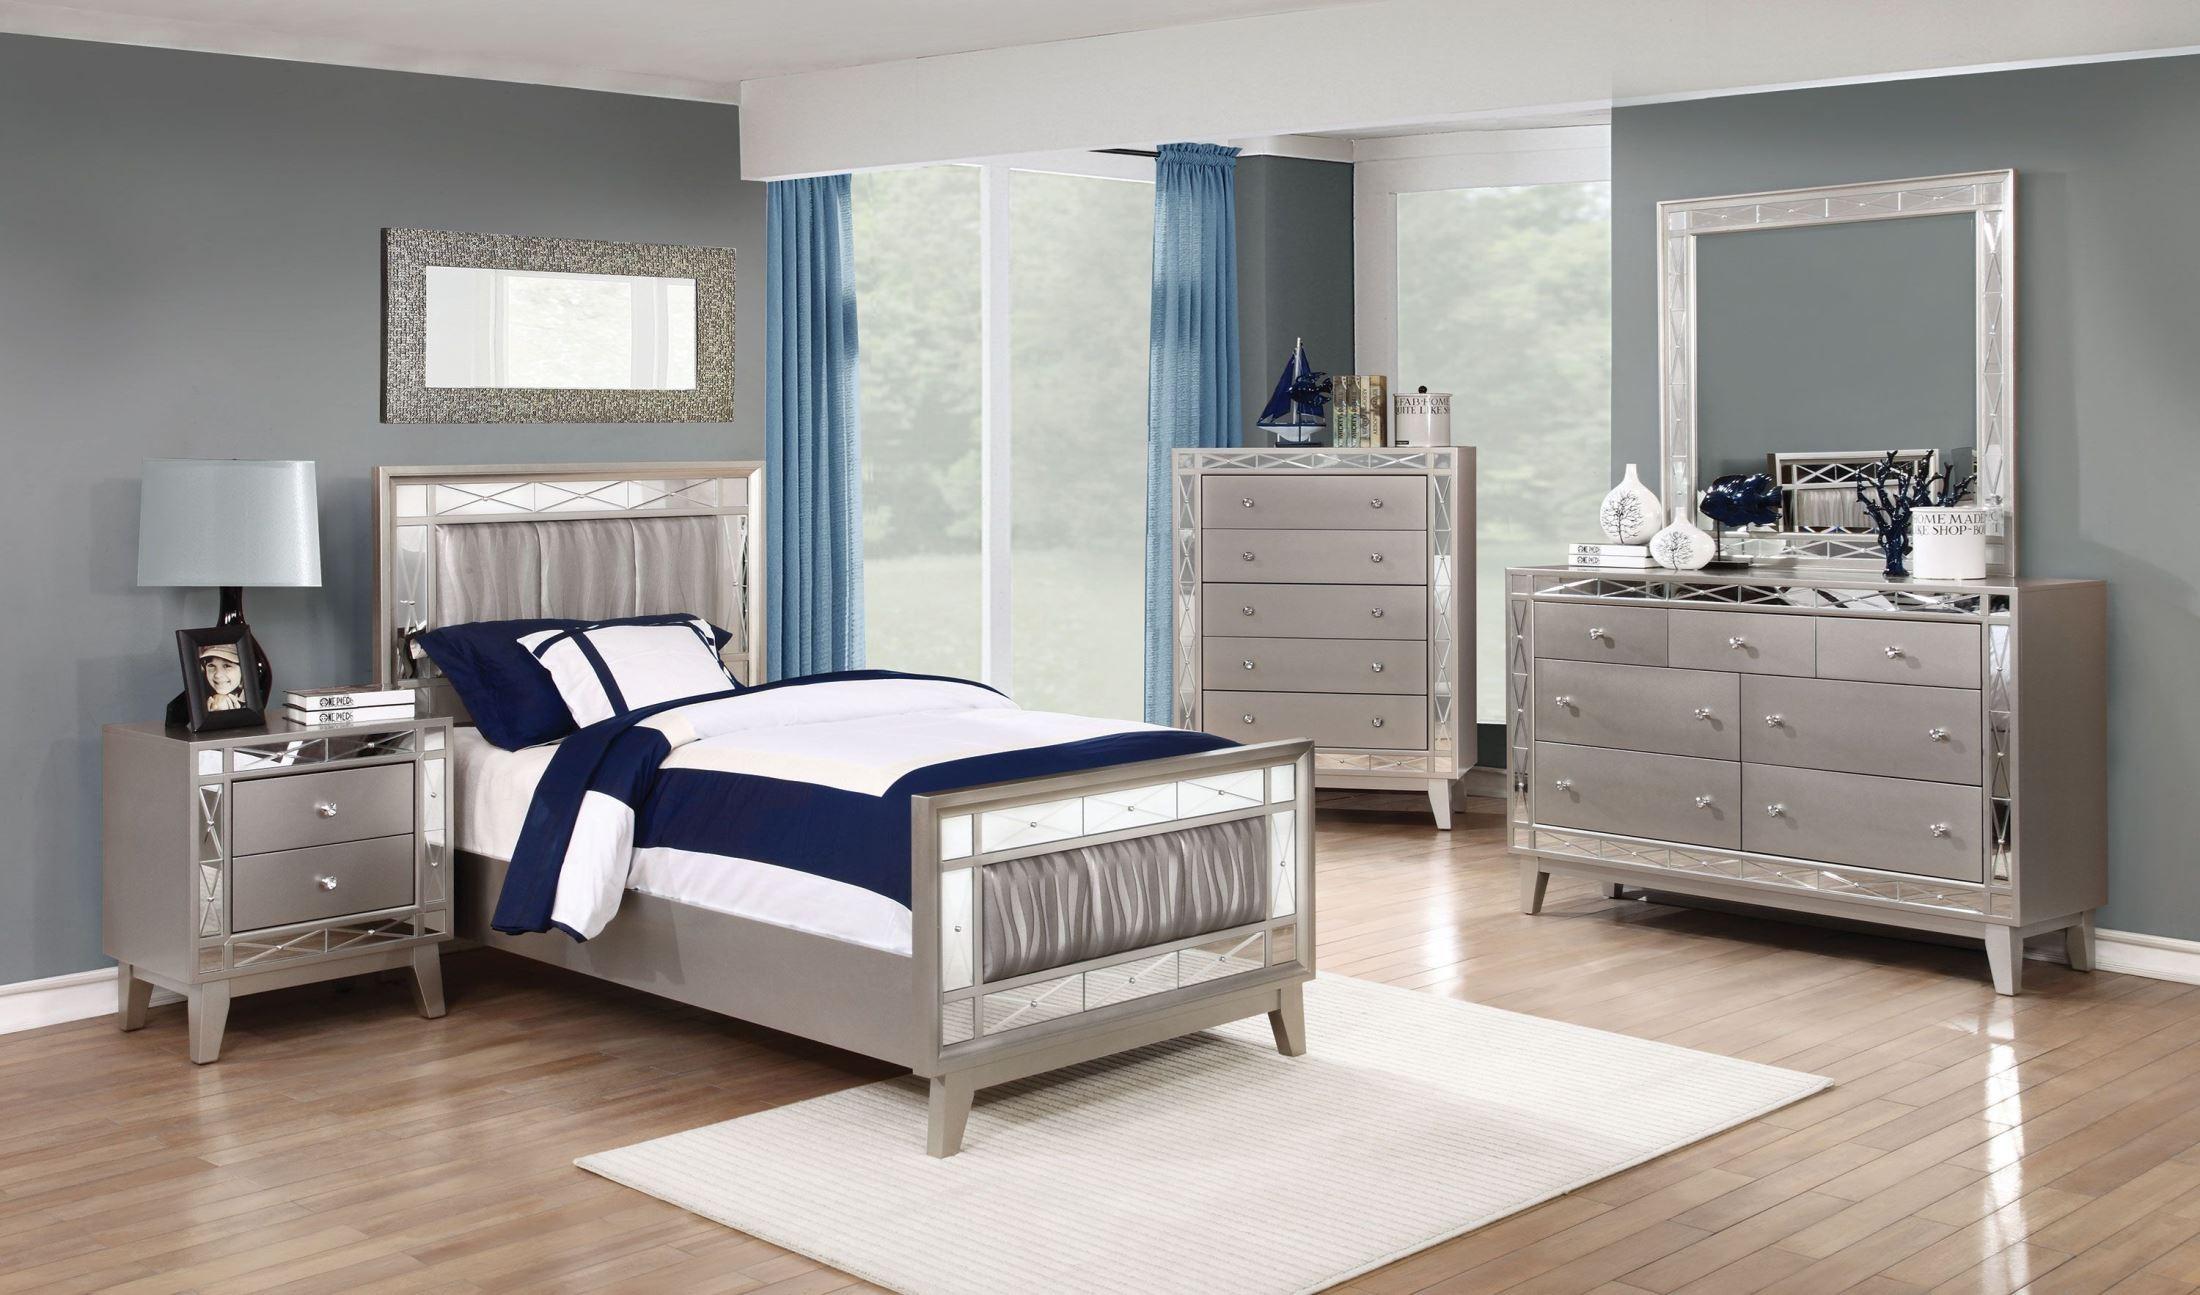 Metallic Bedroom Furniture Metallic Bedroom Furniture Metallic Bedroom Furniture Pulaski